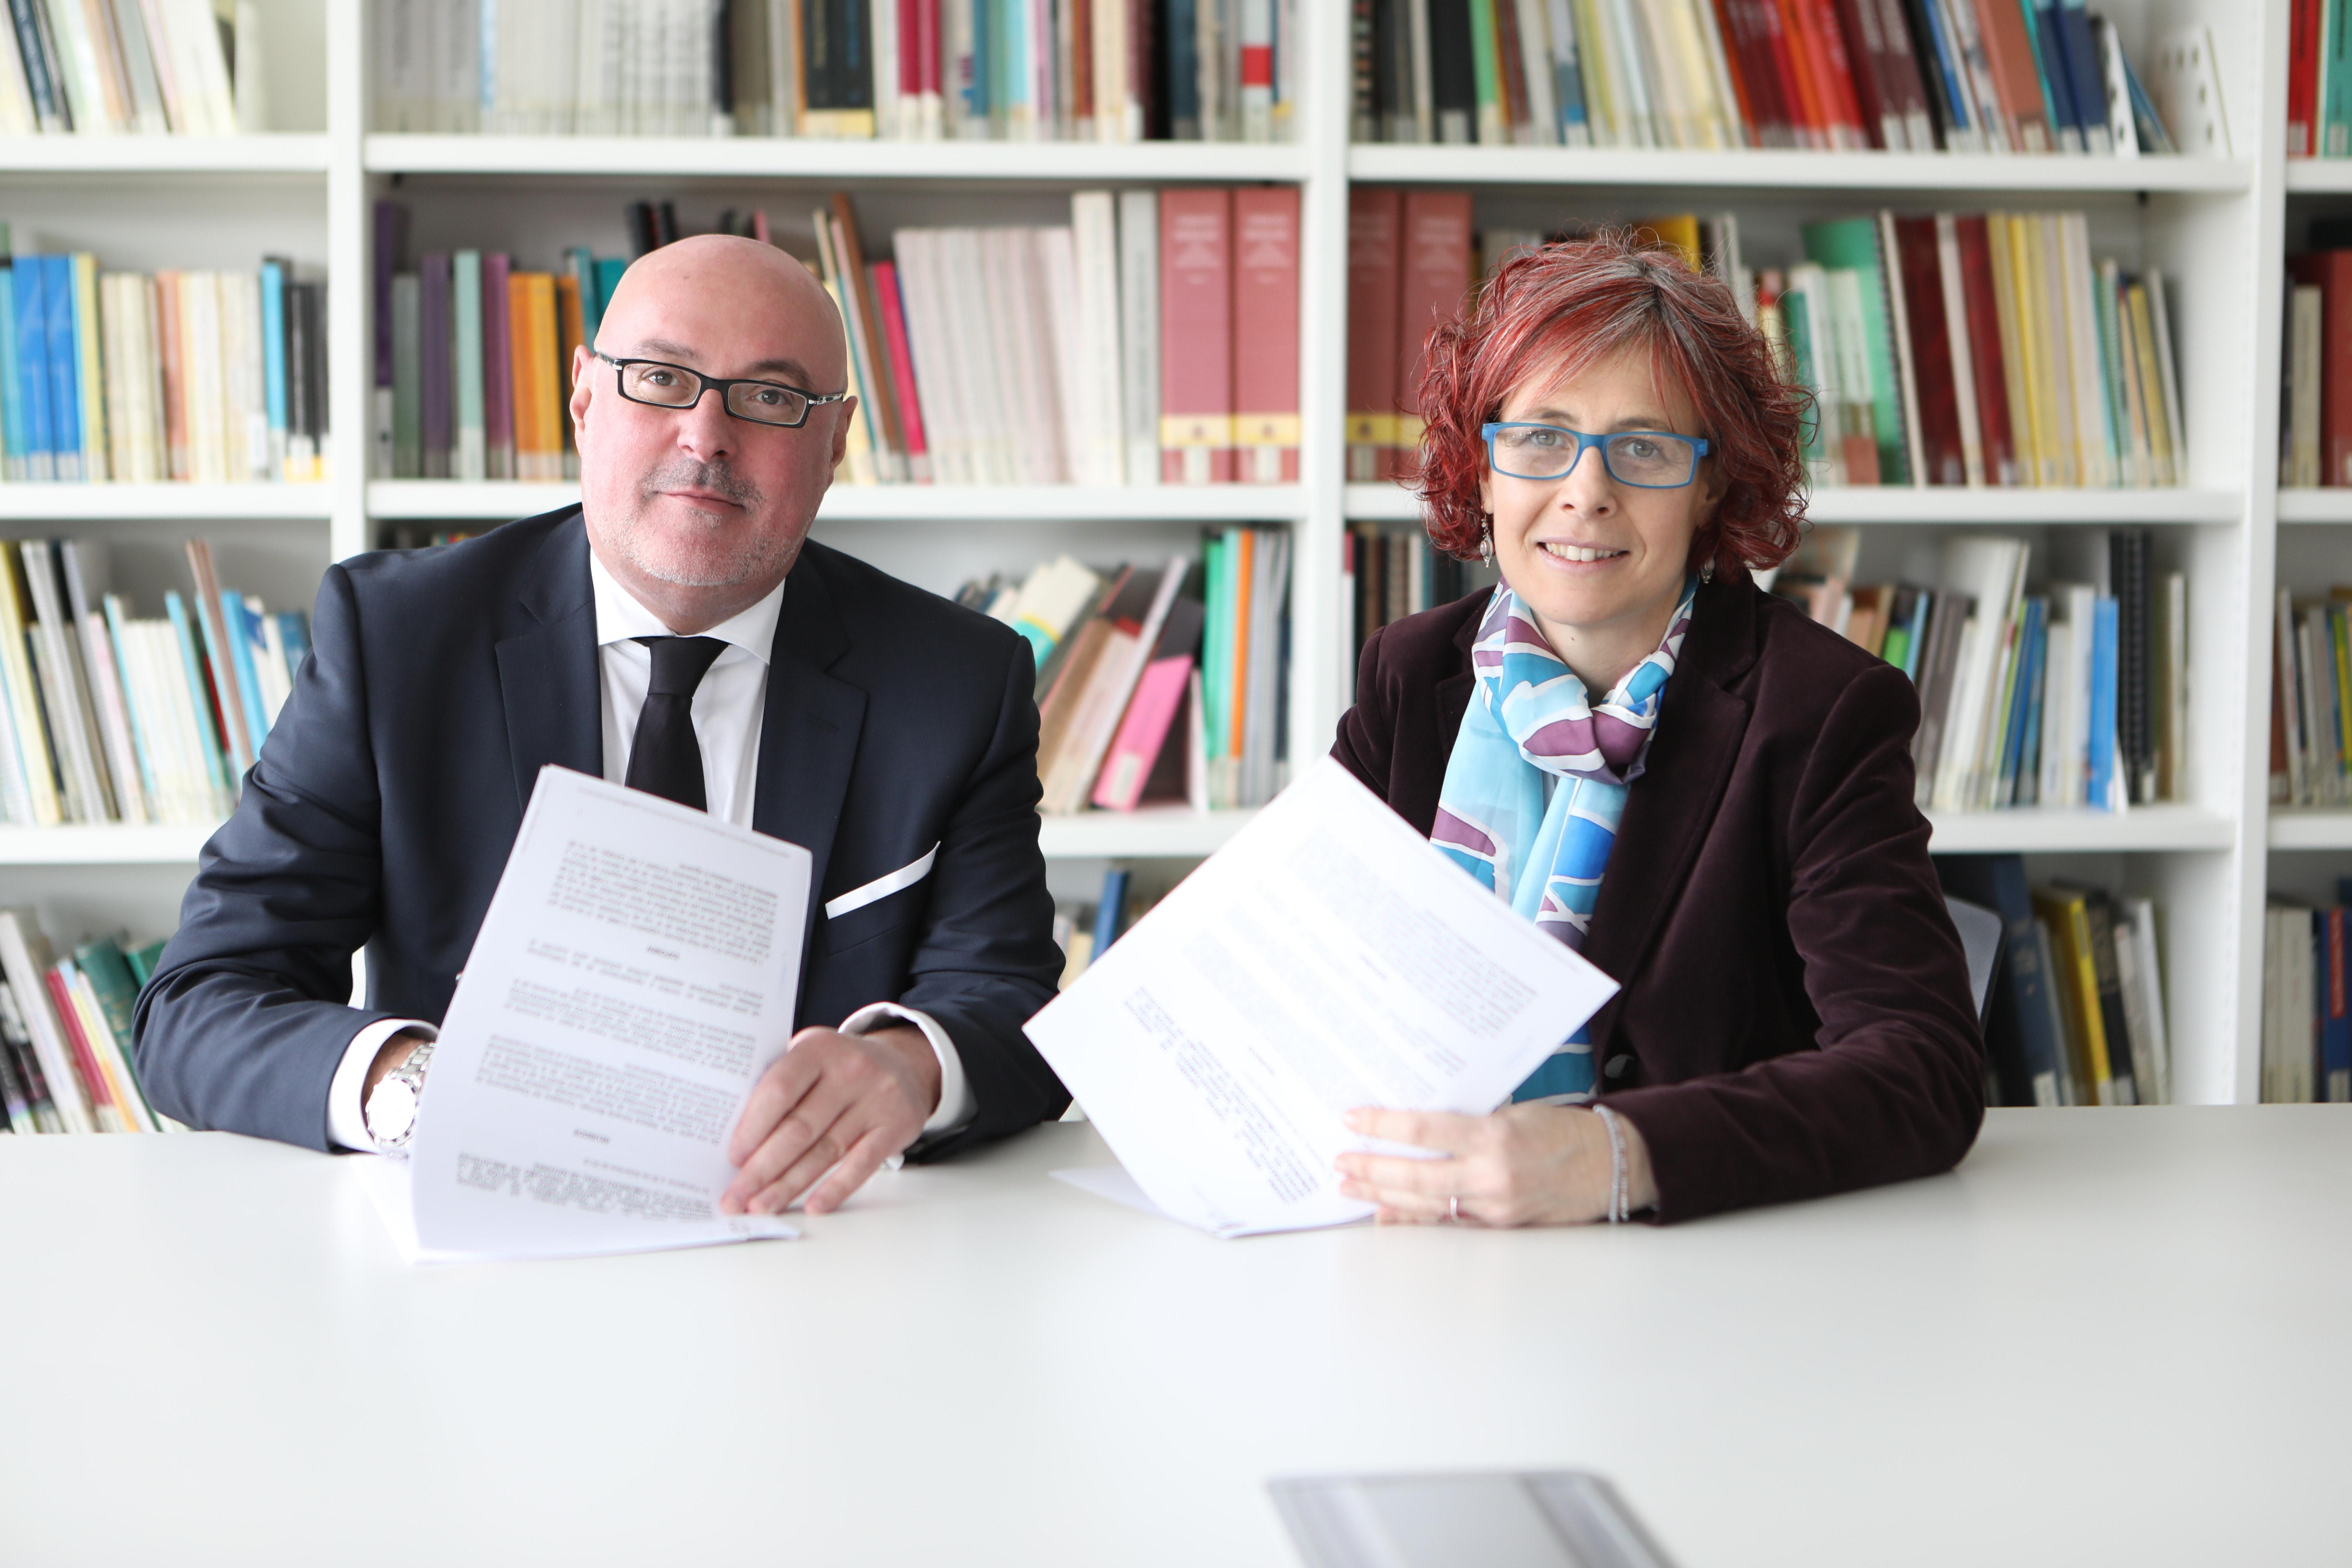 Cultura firma un convenio para remunerar a autores y autoras por el préstamo de obras en las bibliotecas navarras